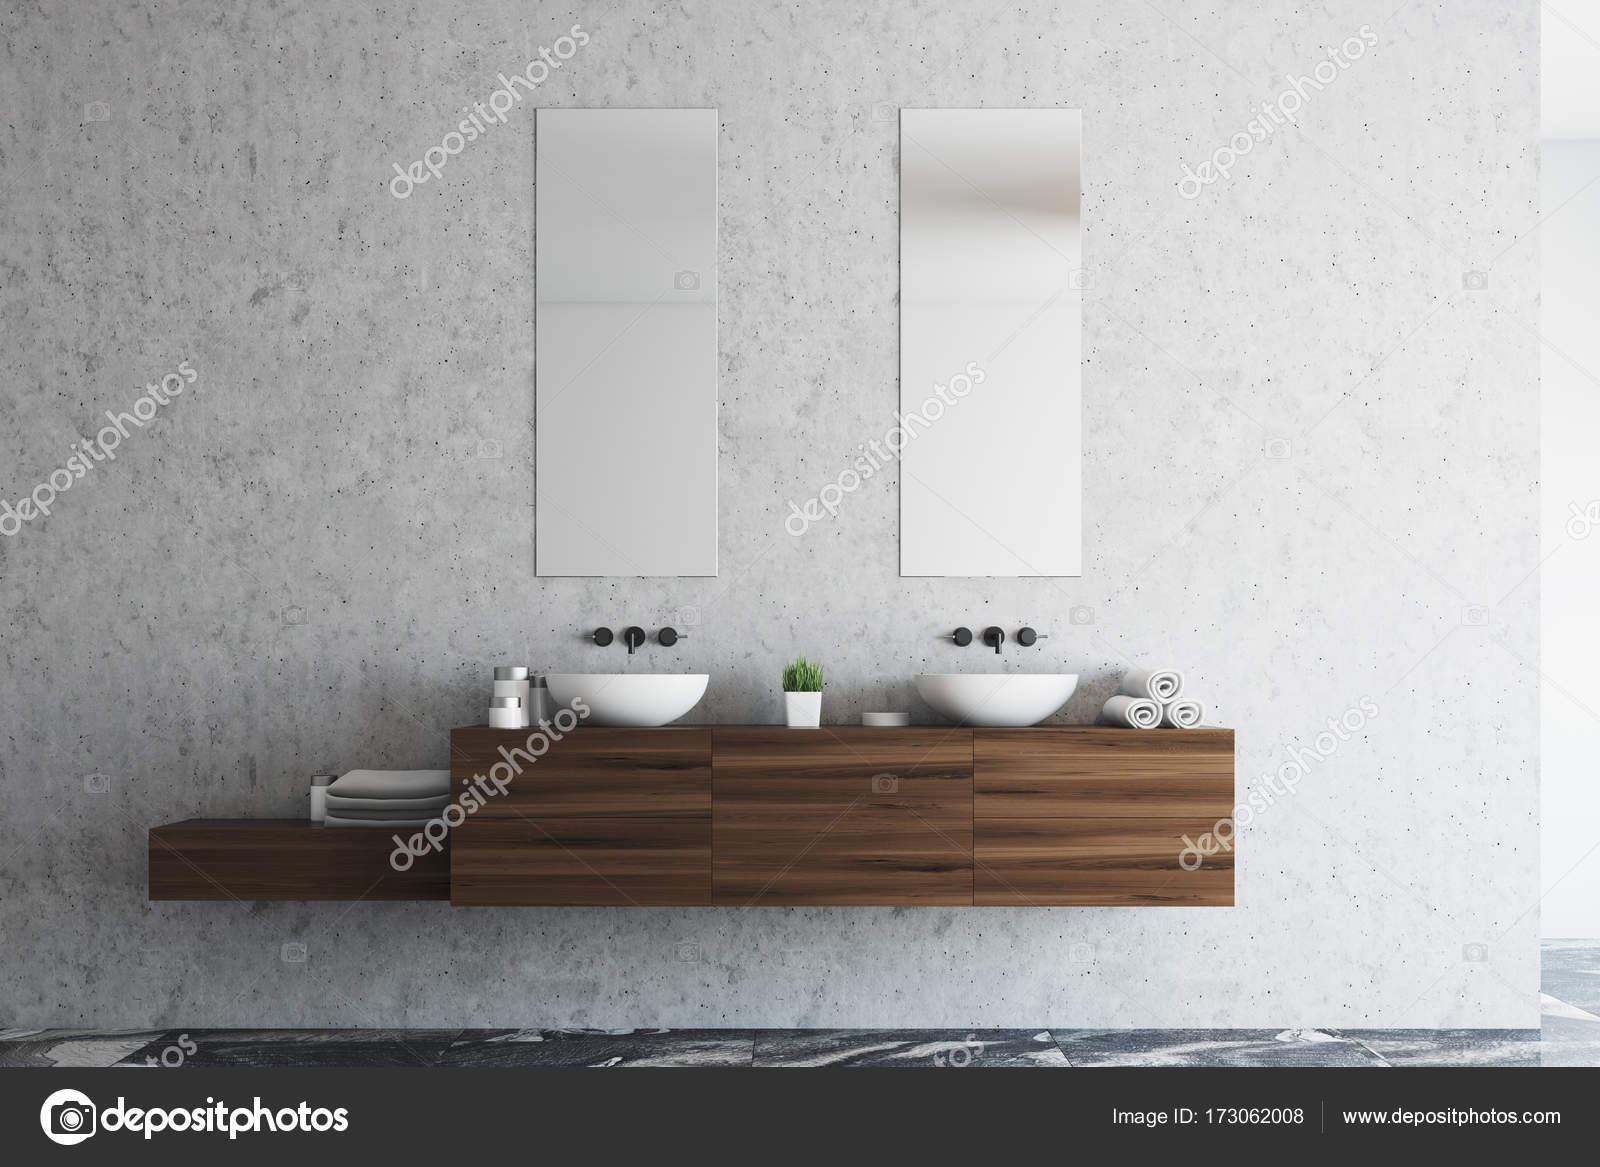 Konkrete Bad Doppelwaschbecken — Stockfoto © denisismagilov #173062008